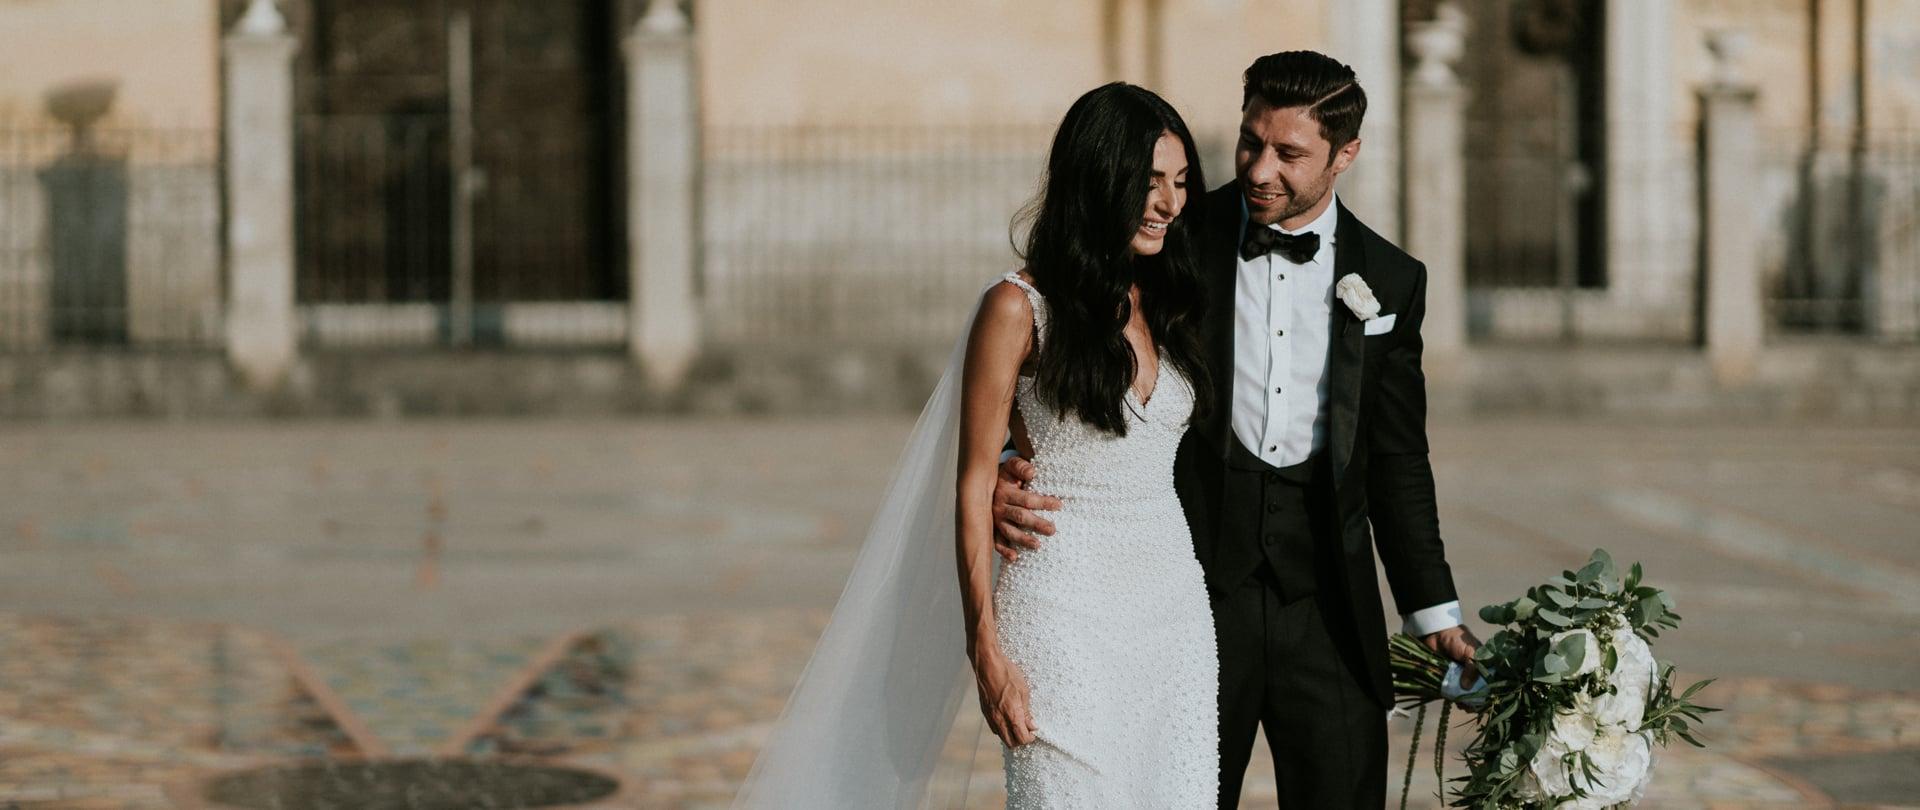 Natalie & Mark Wedding Video Filmed at Positano, Italy